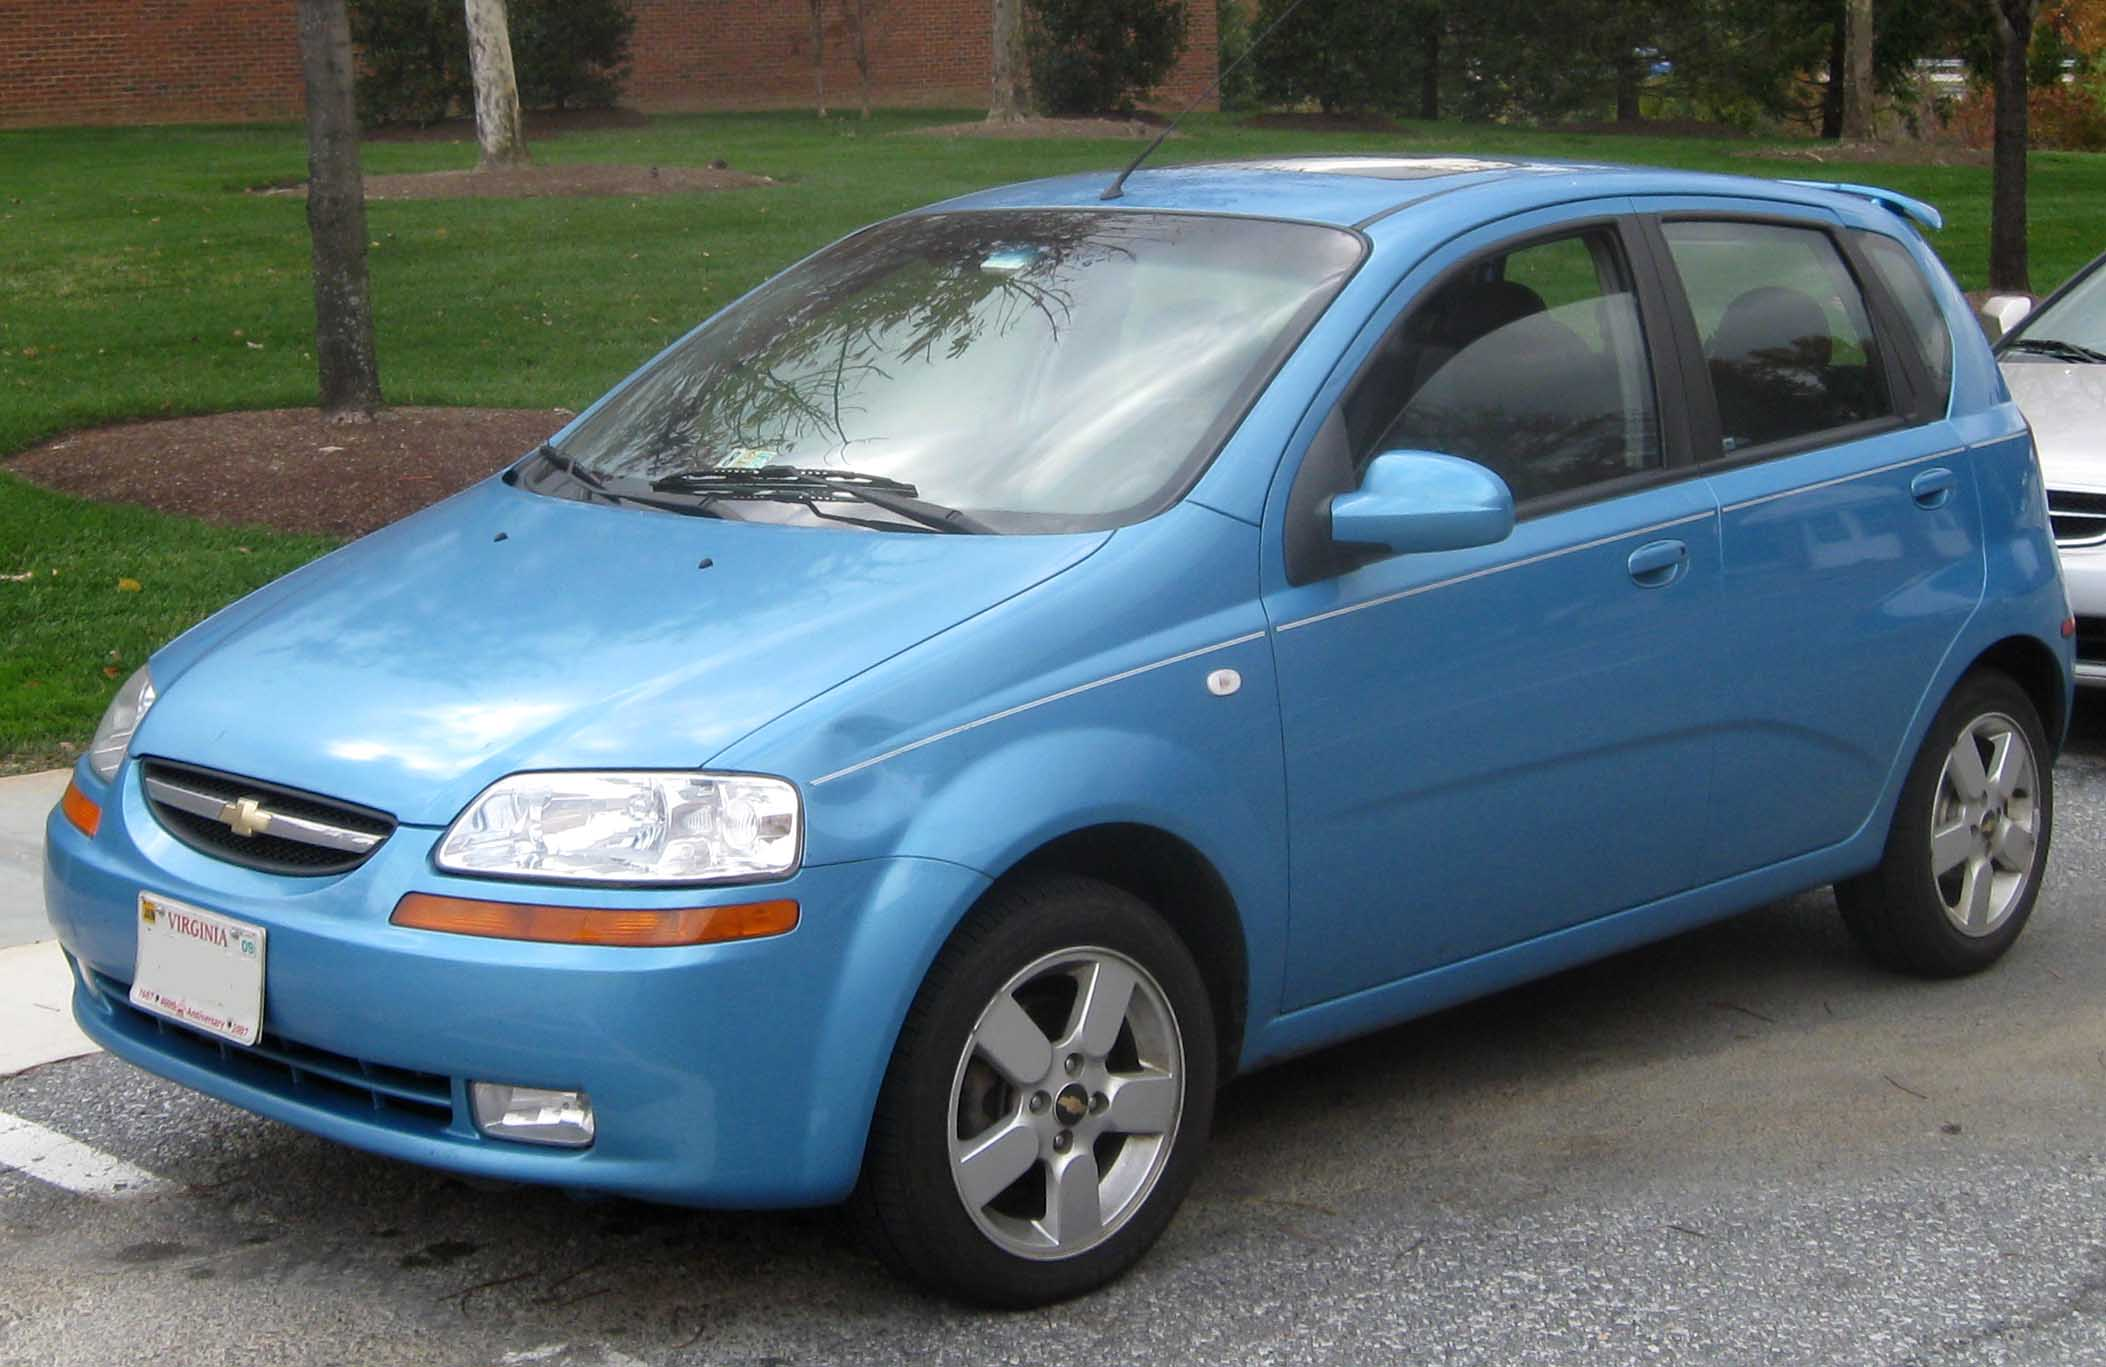 Chevrolet Aveo T200/T250